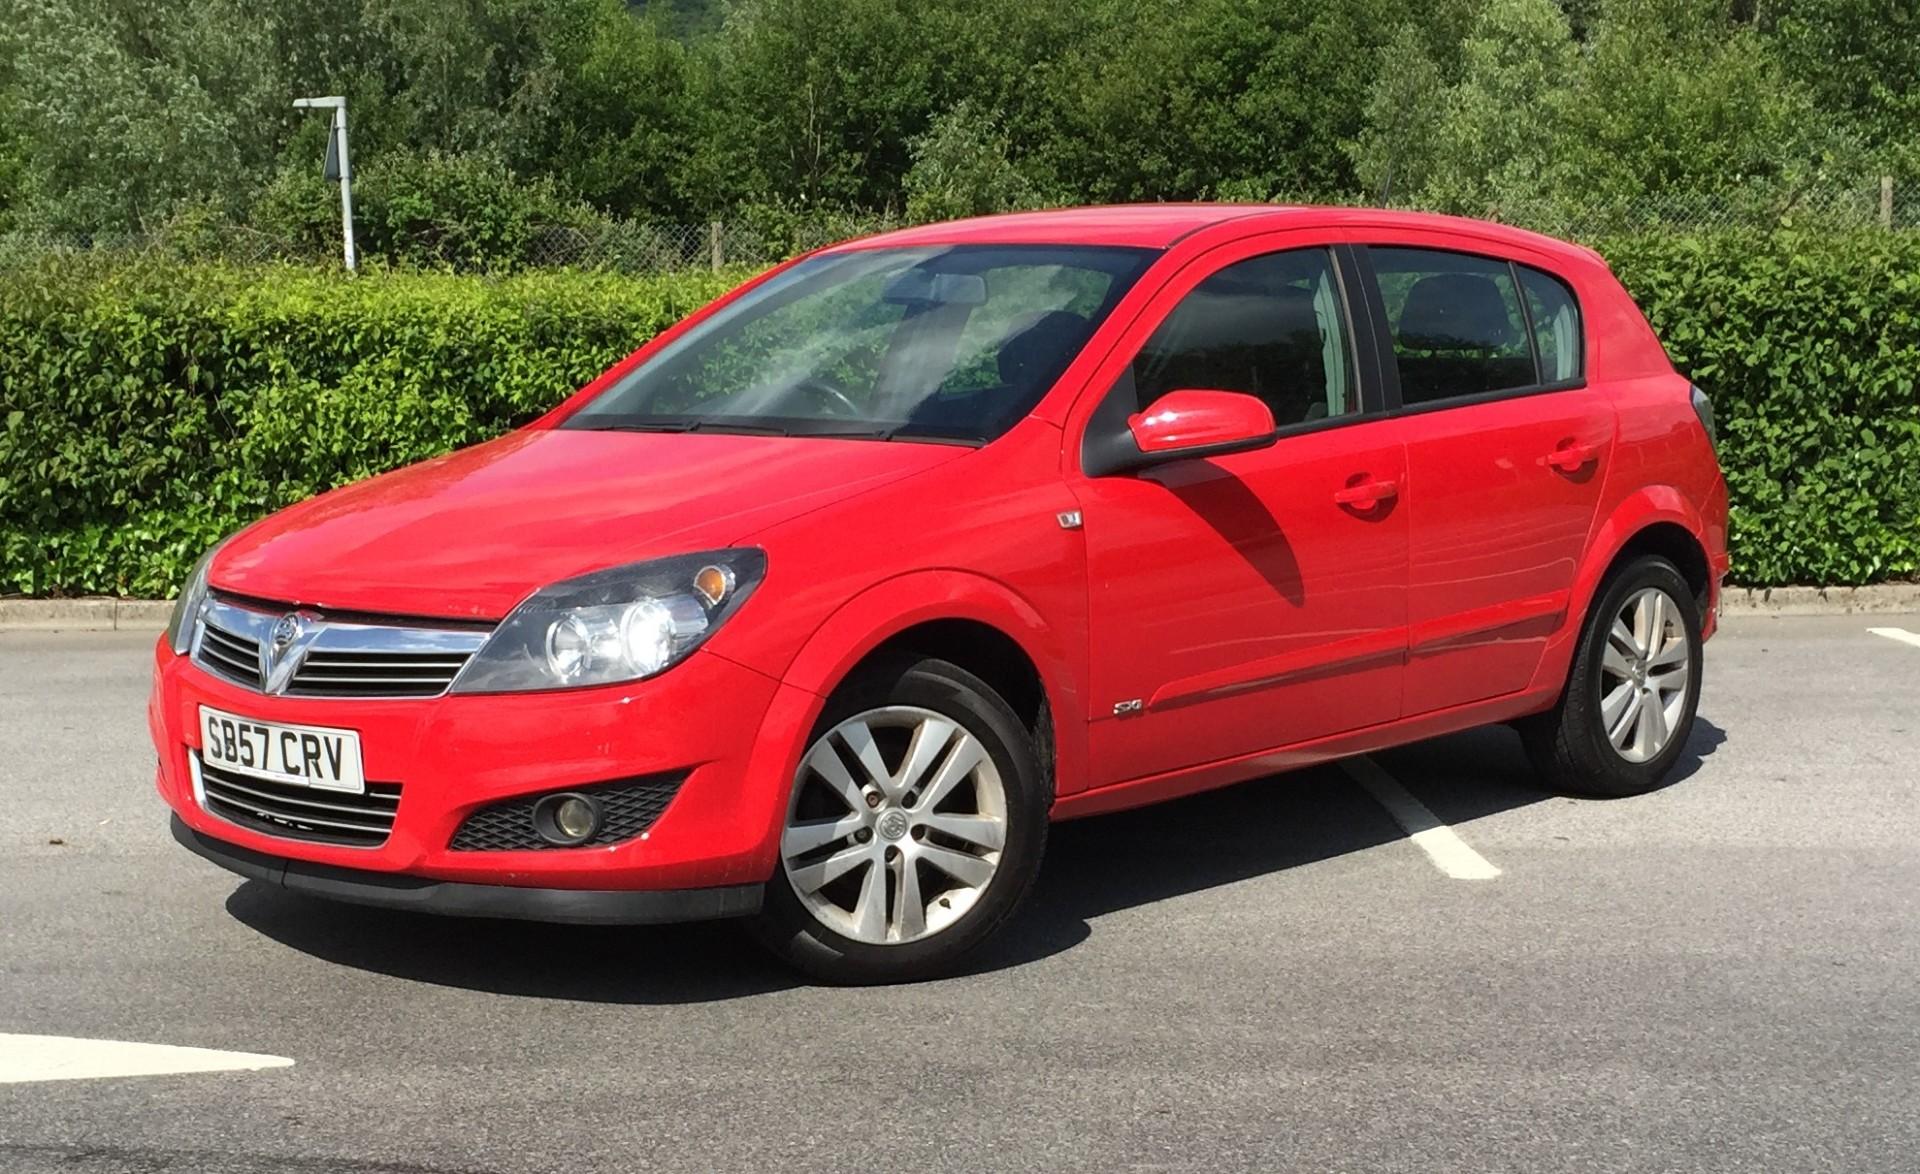 £8/week £1,295 Vauxhall Astra 1.7CDTi SXi 5 Door 136,341 Miles